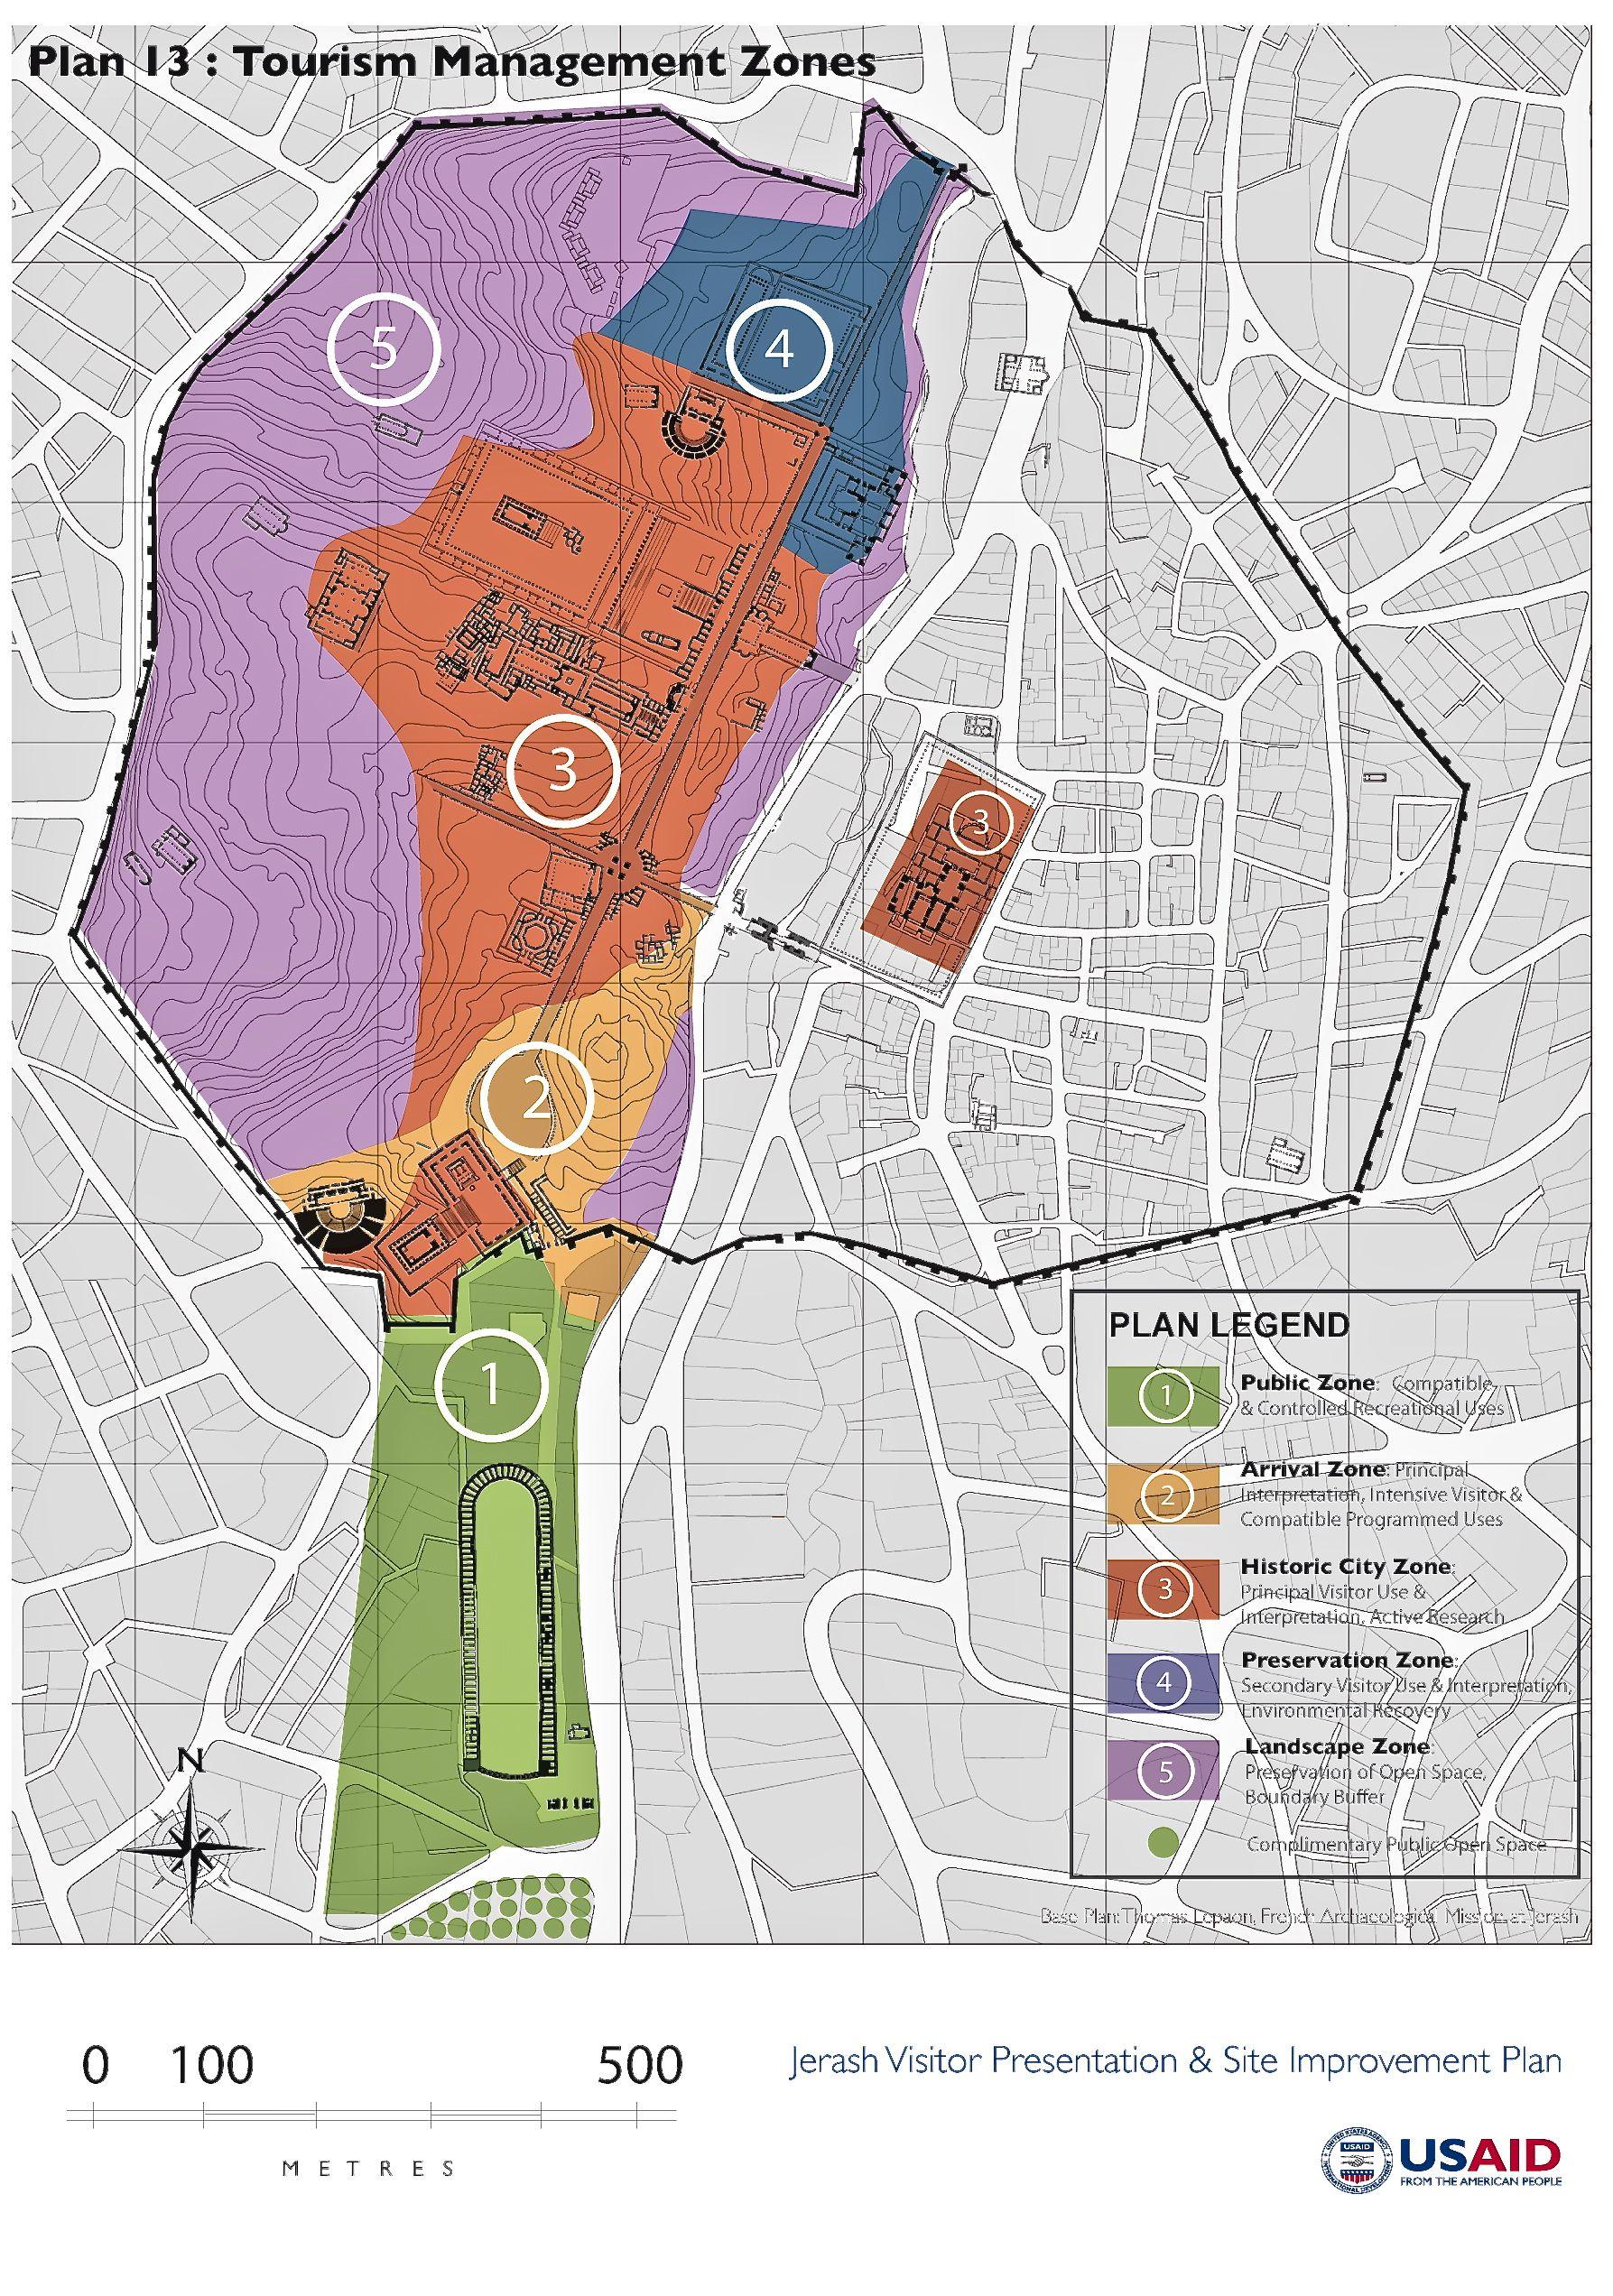 zoning plan.jpg